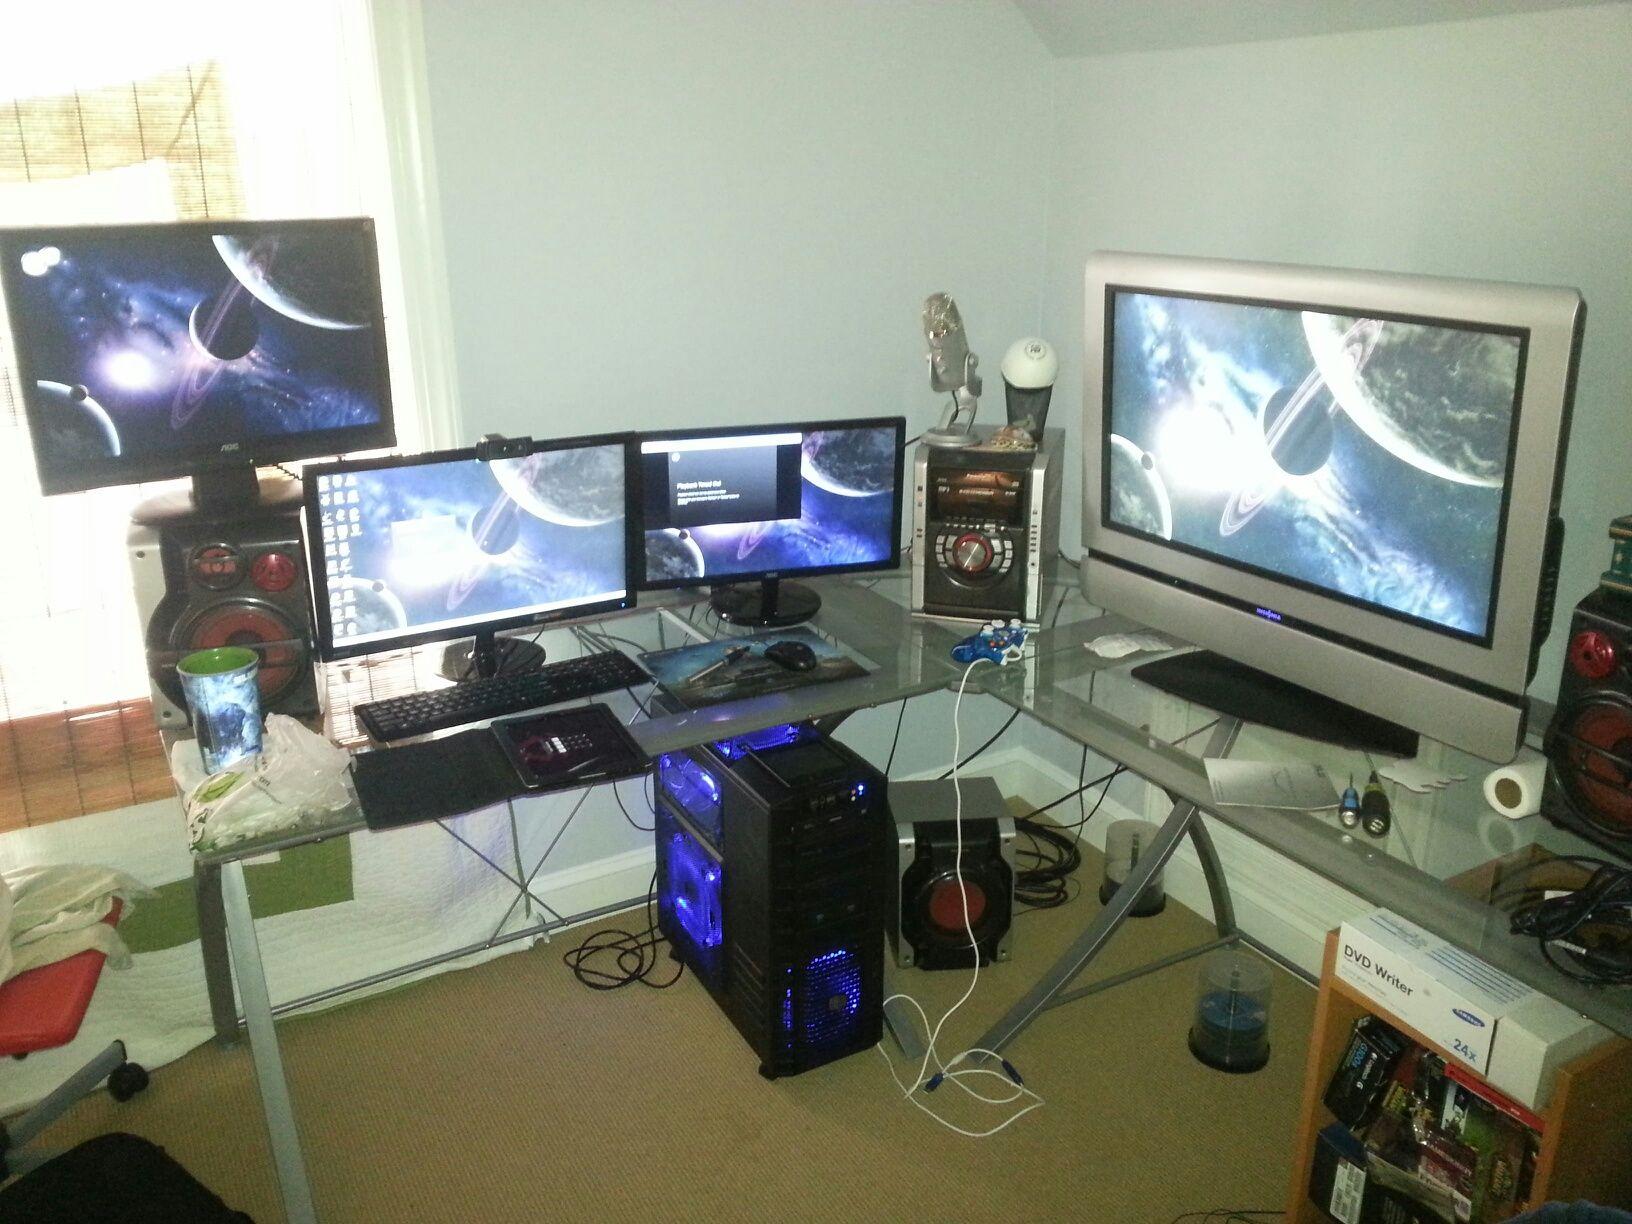 best gamer setups and furniture. Black Bedroom Furniture Sets. Home Design Ideas